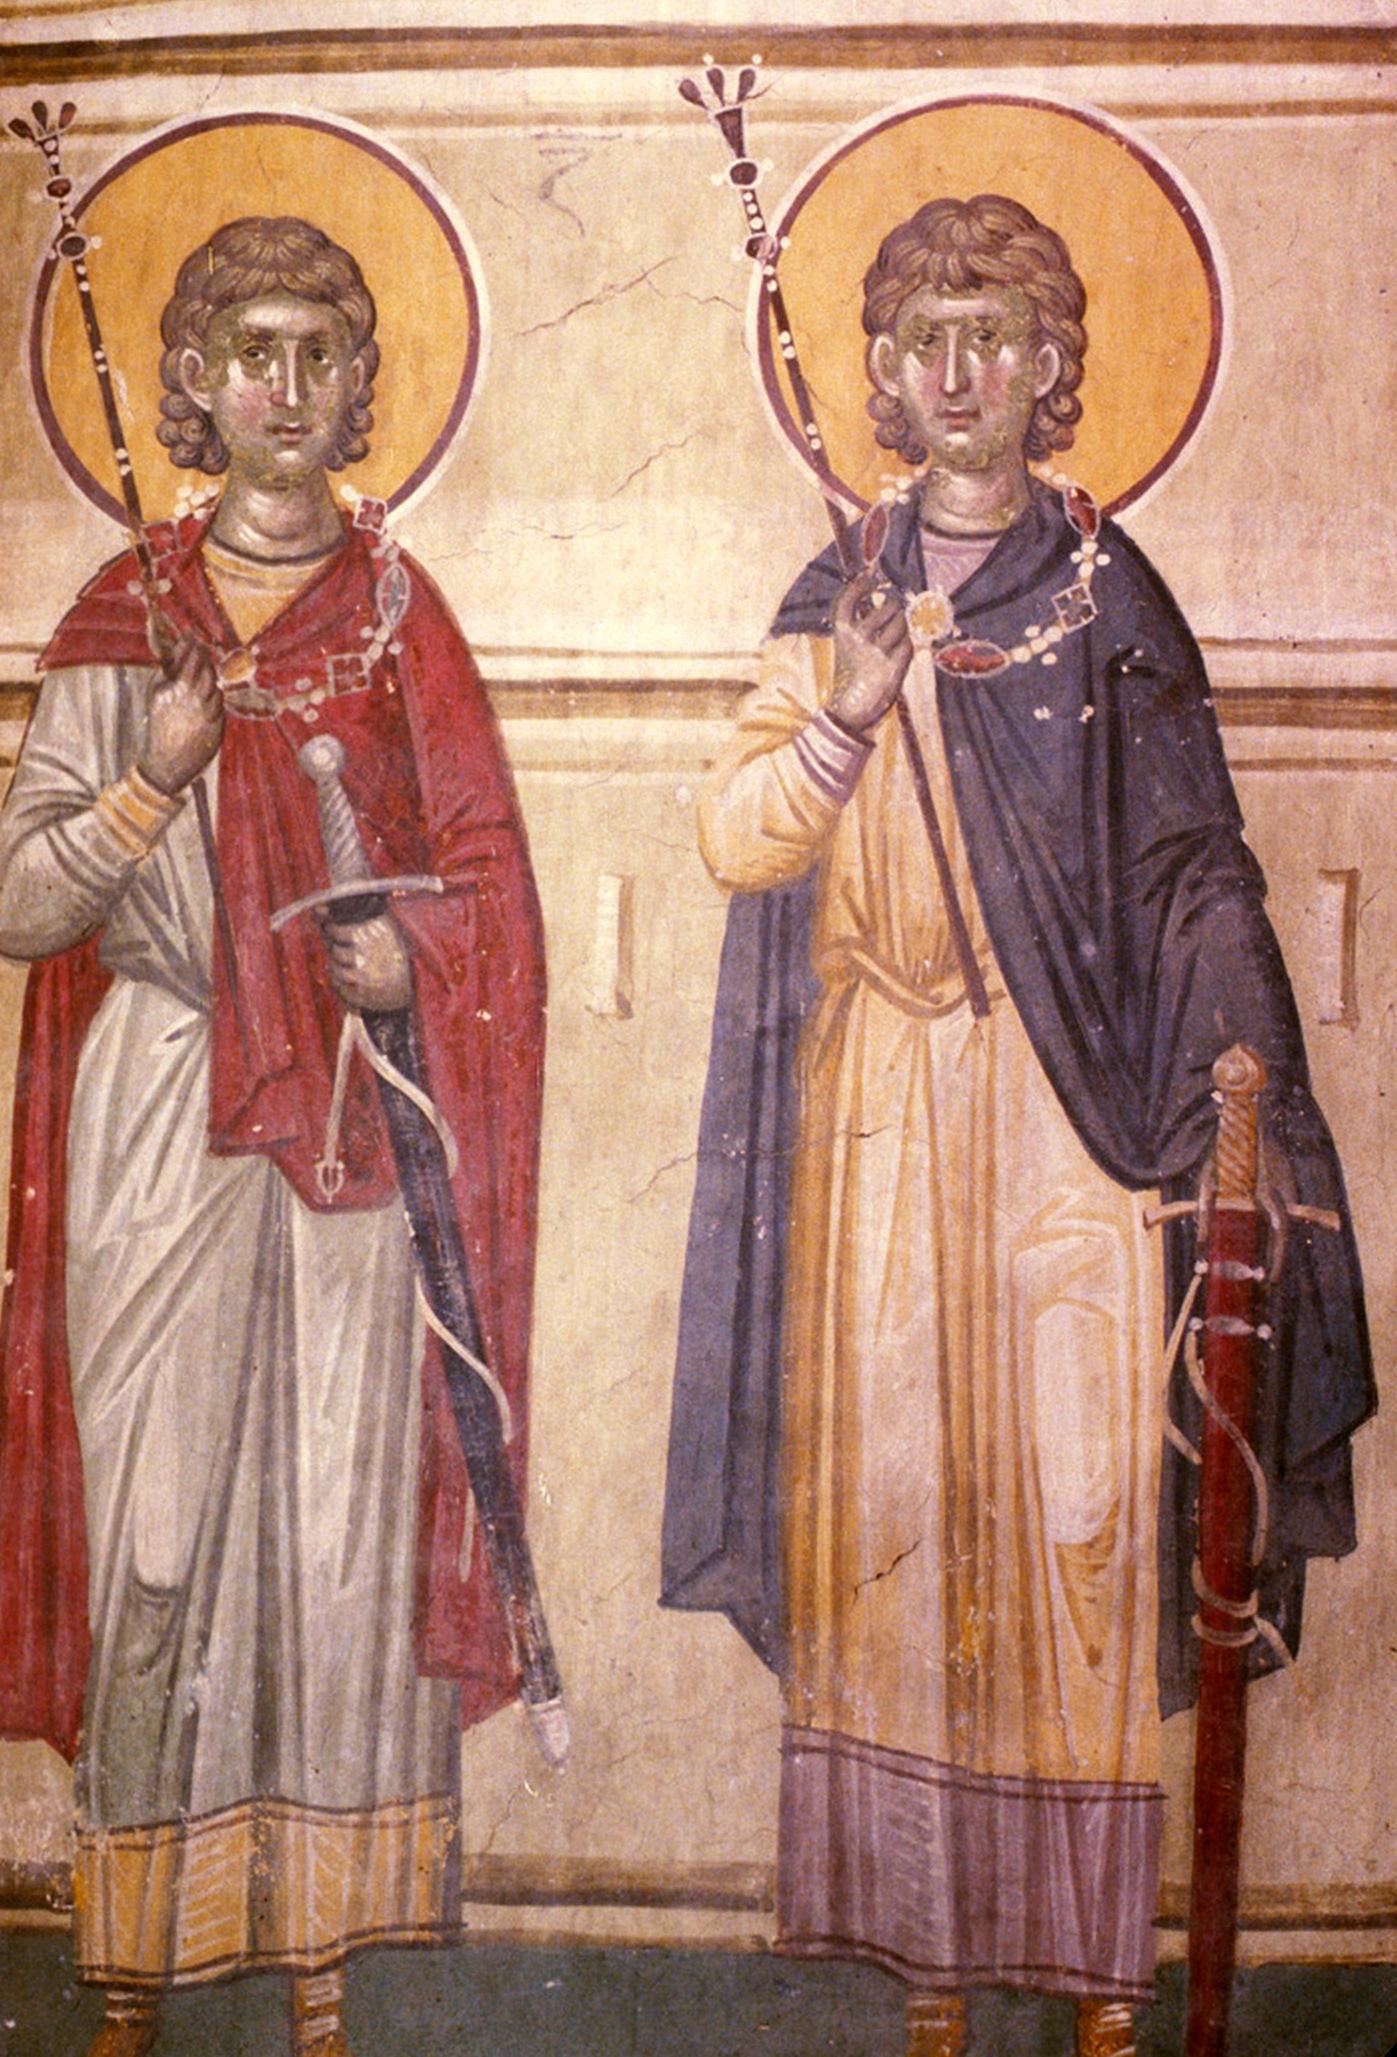 Святые мученики Сергий и Вакх. Фреска монастыря Грачаница, Косово, Сербия. Около 1320 года.